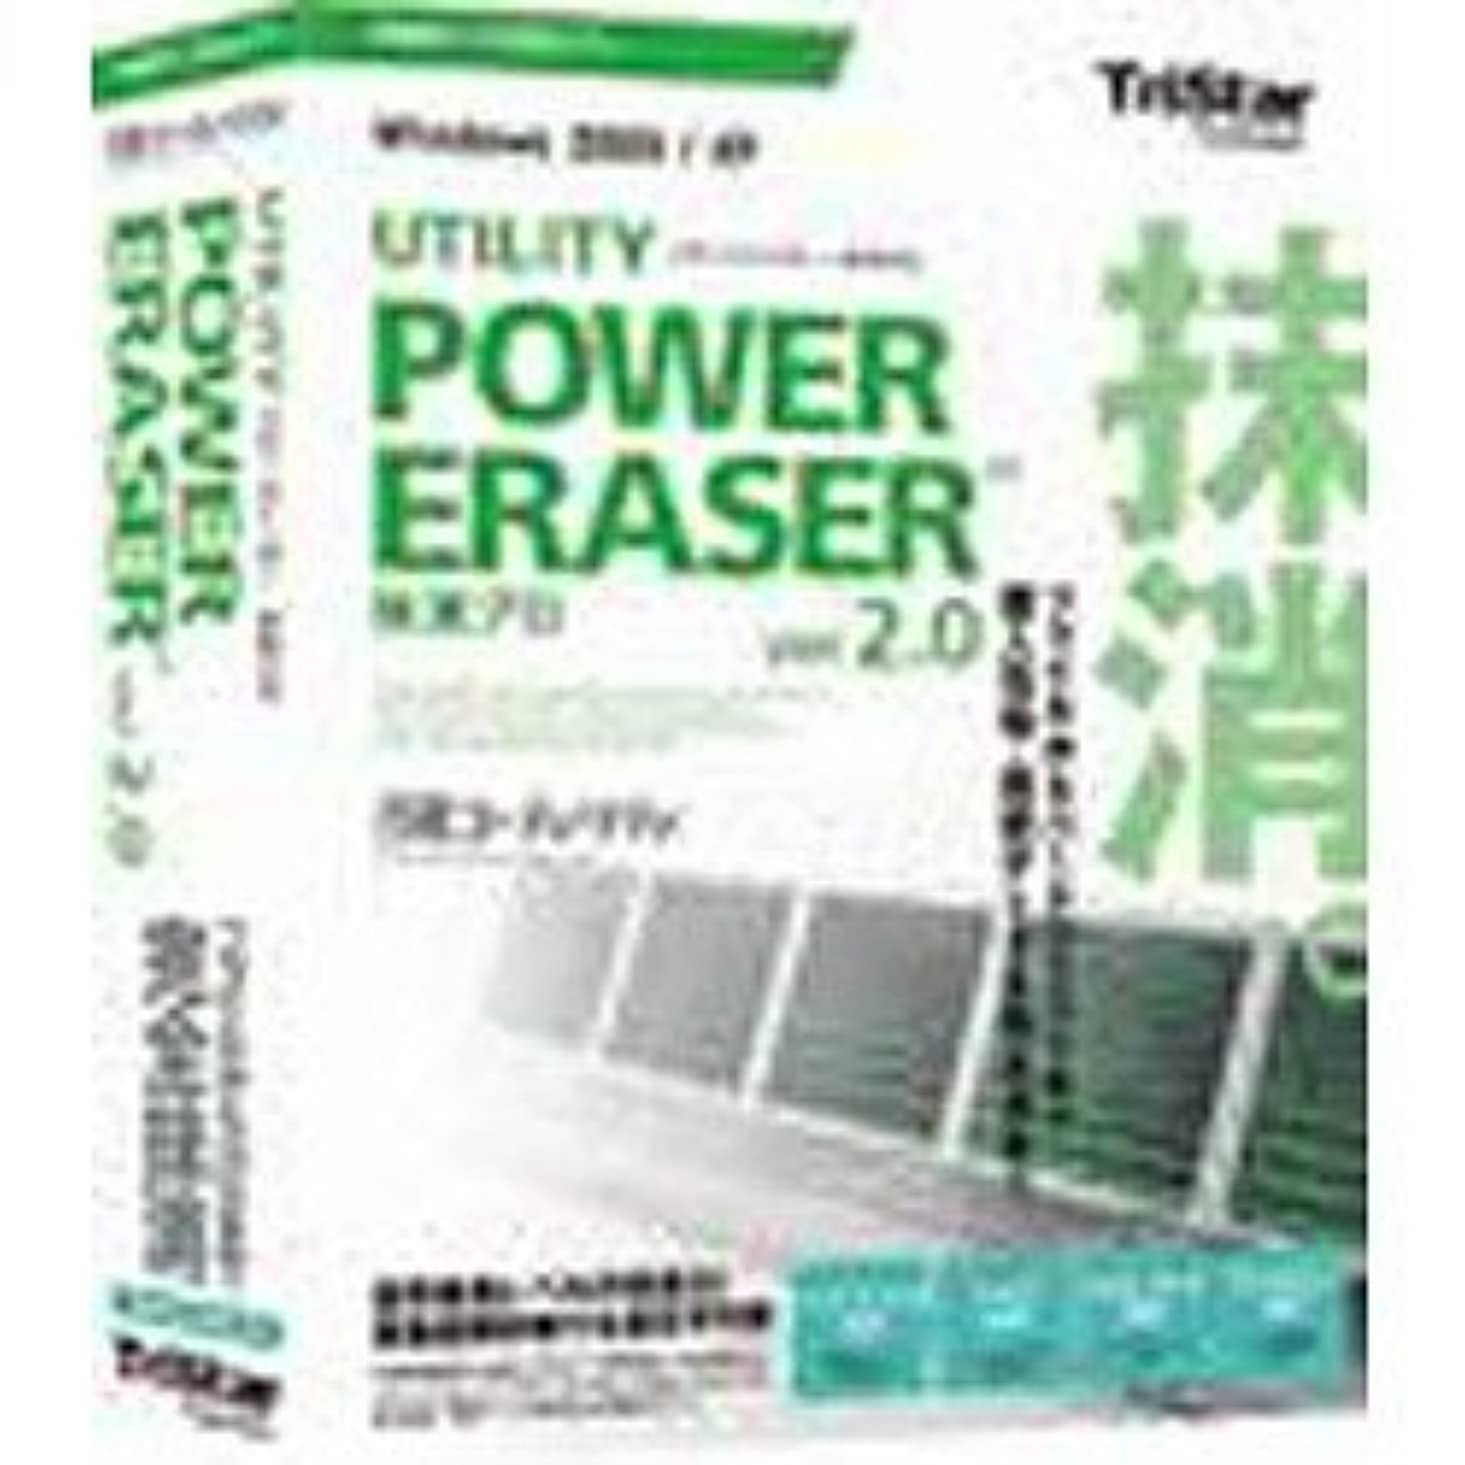 旋回やさしくインレイPOWER ERASER 抹消プロ 2.0